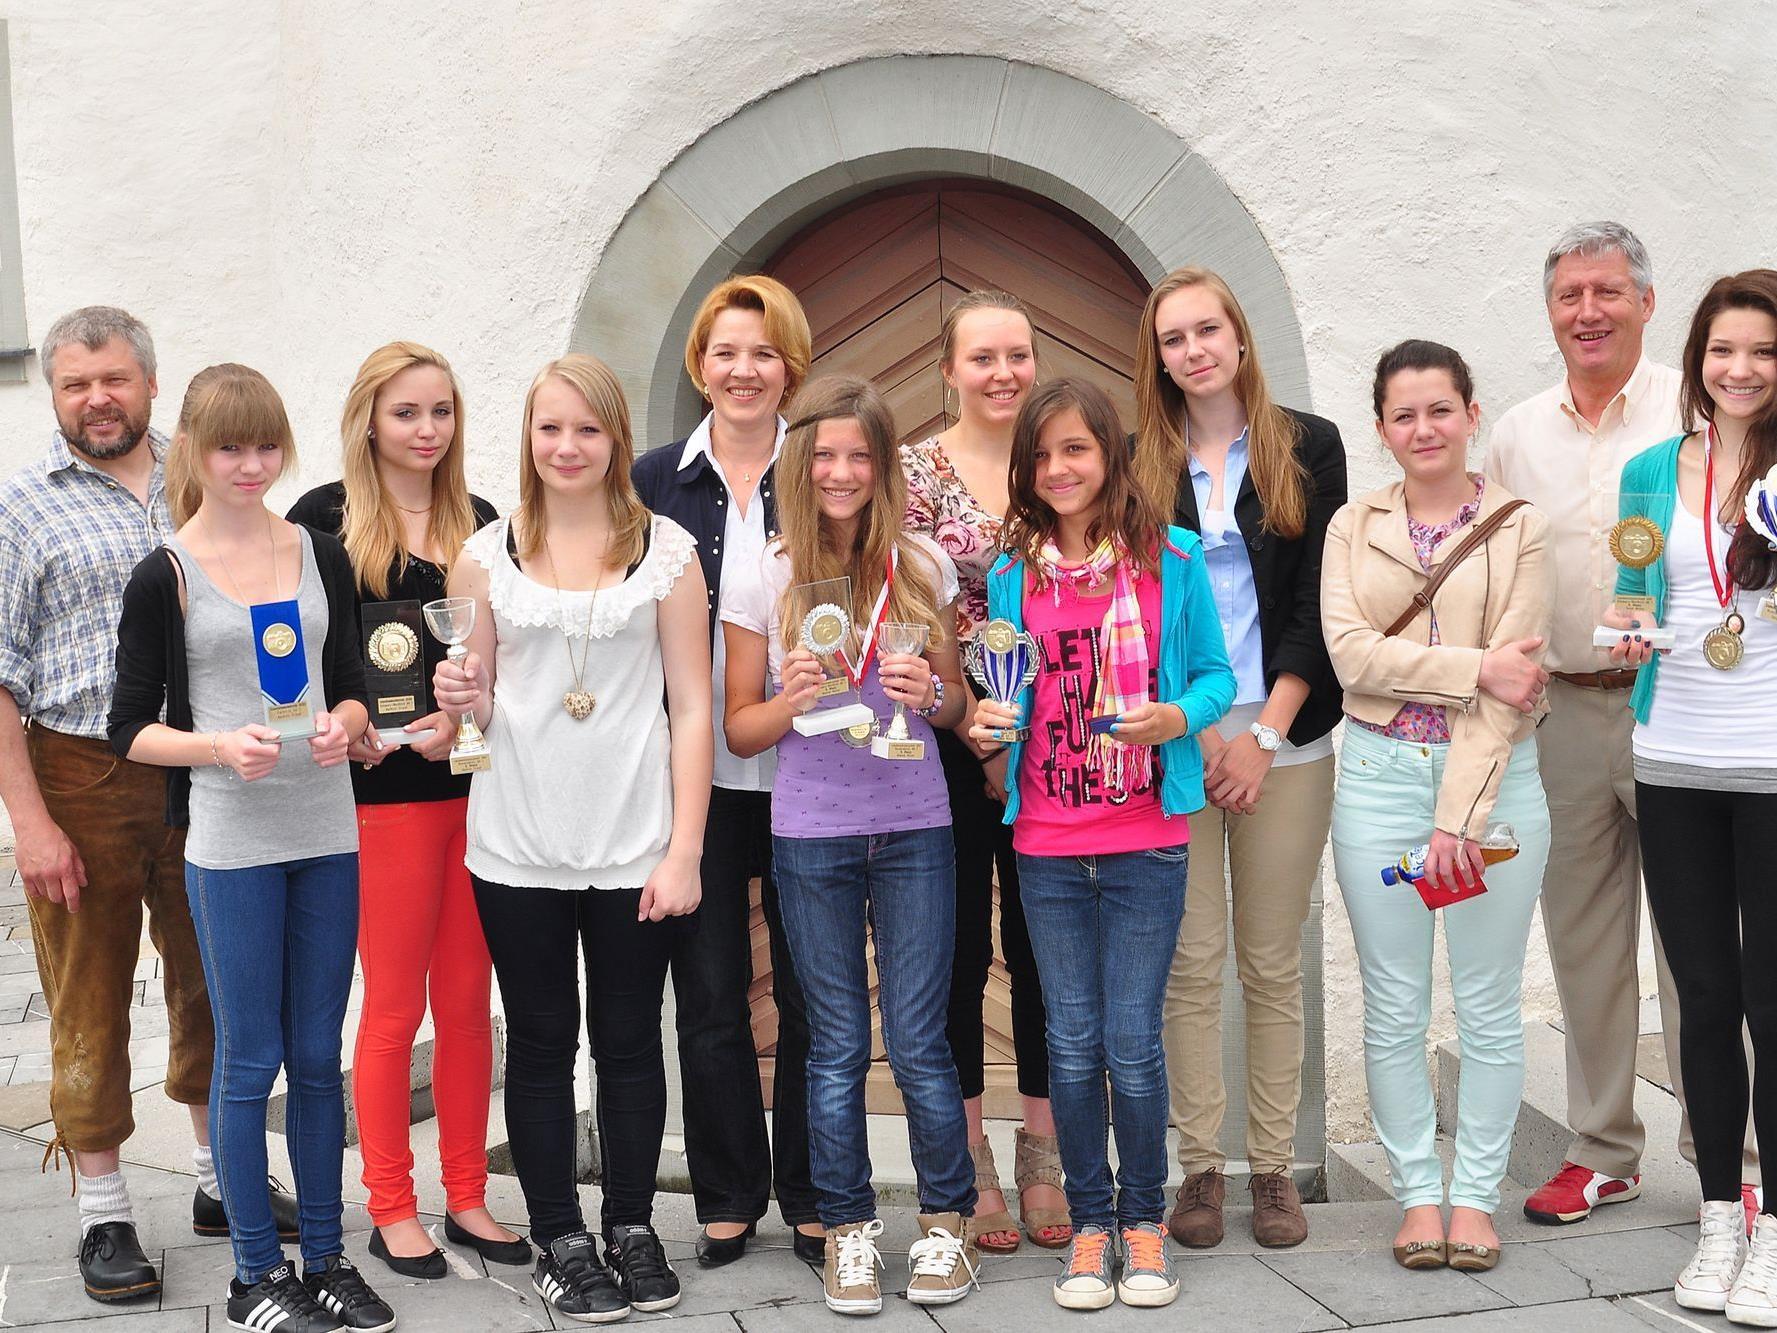 Landesrätin Andrea Kaufmann gratuliert dem Fotoclub ESV Feldkirch zum Gewinn der Teamwertung.